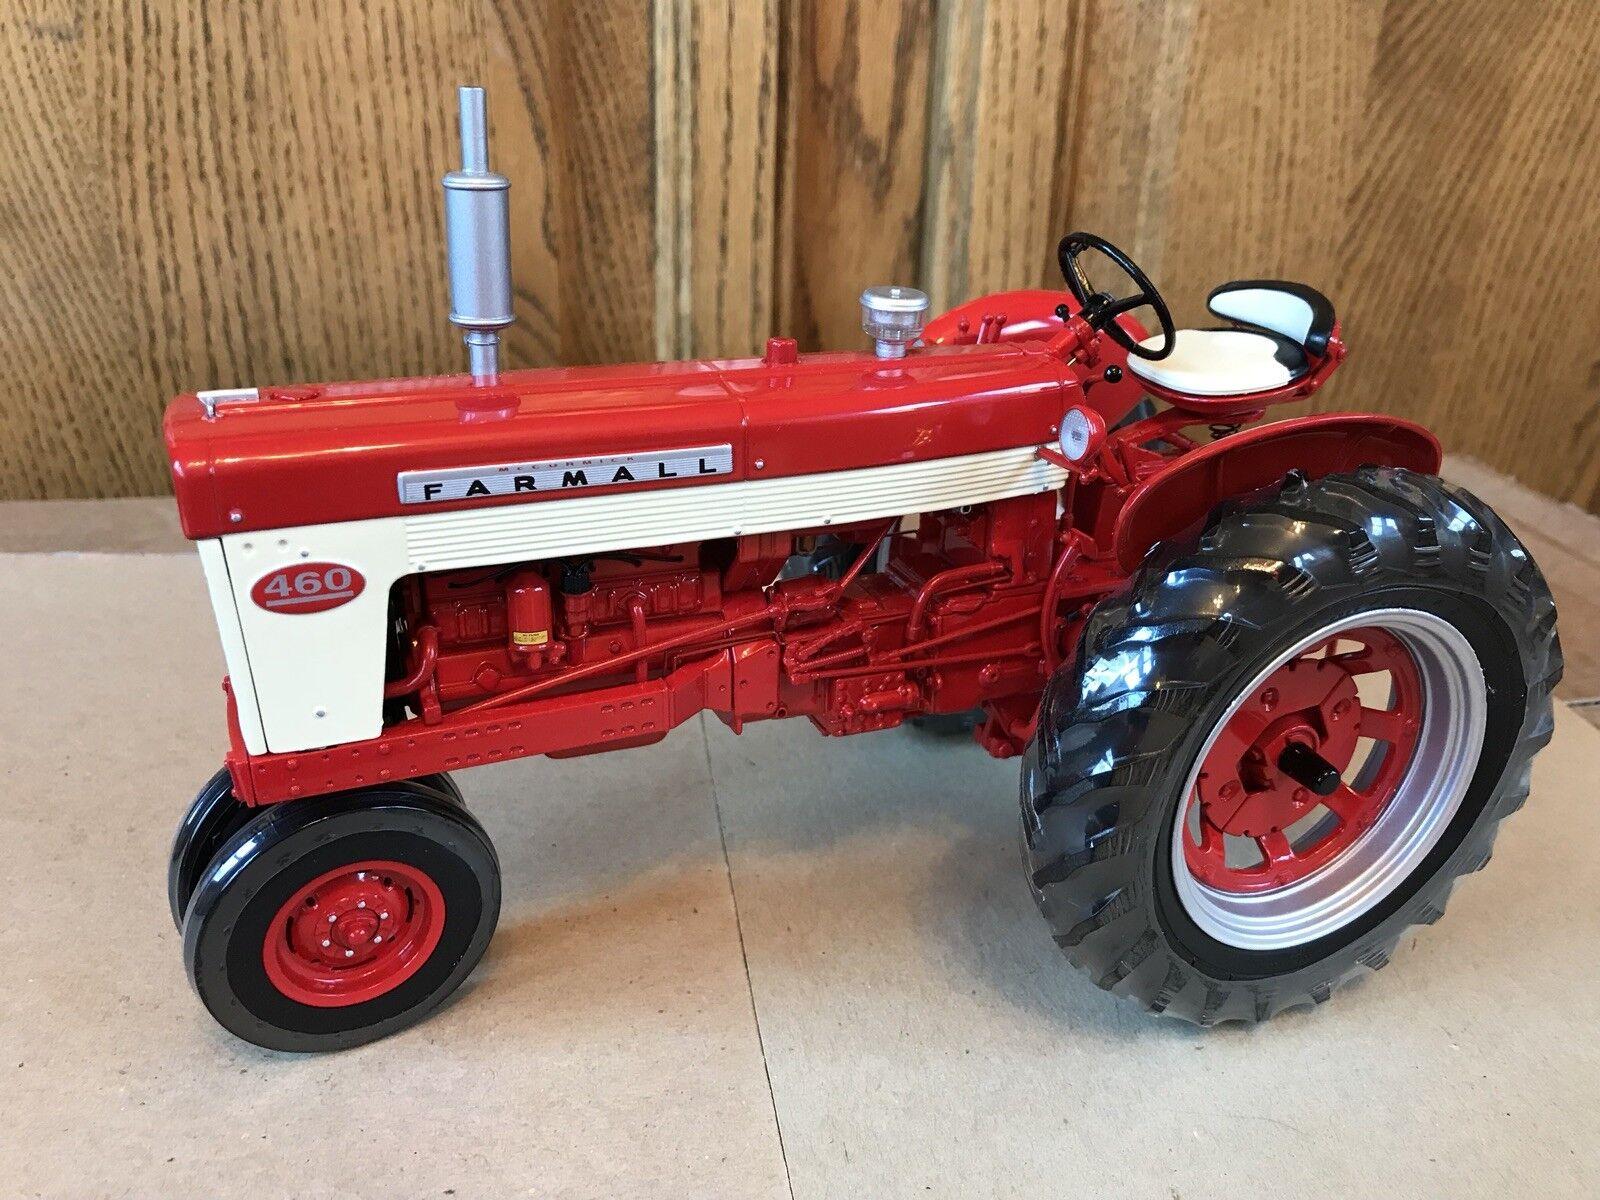 ERTL Farmall  460 Precision Series Modèle tracteur avec livret et médaillon  très populaire